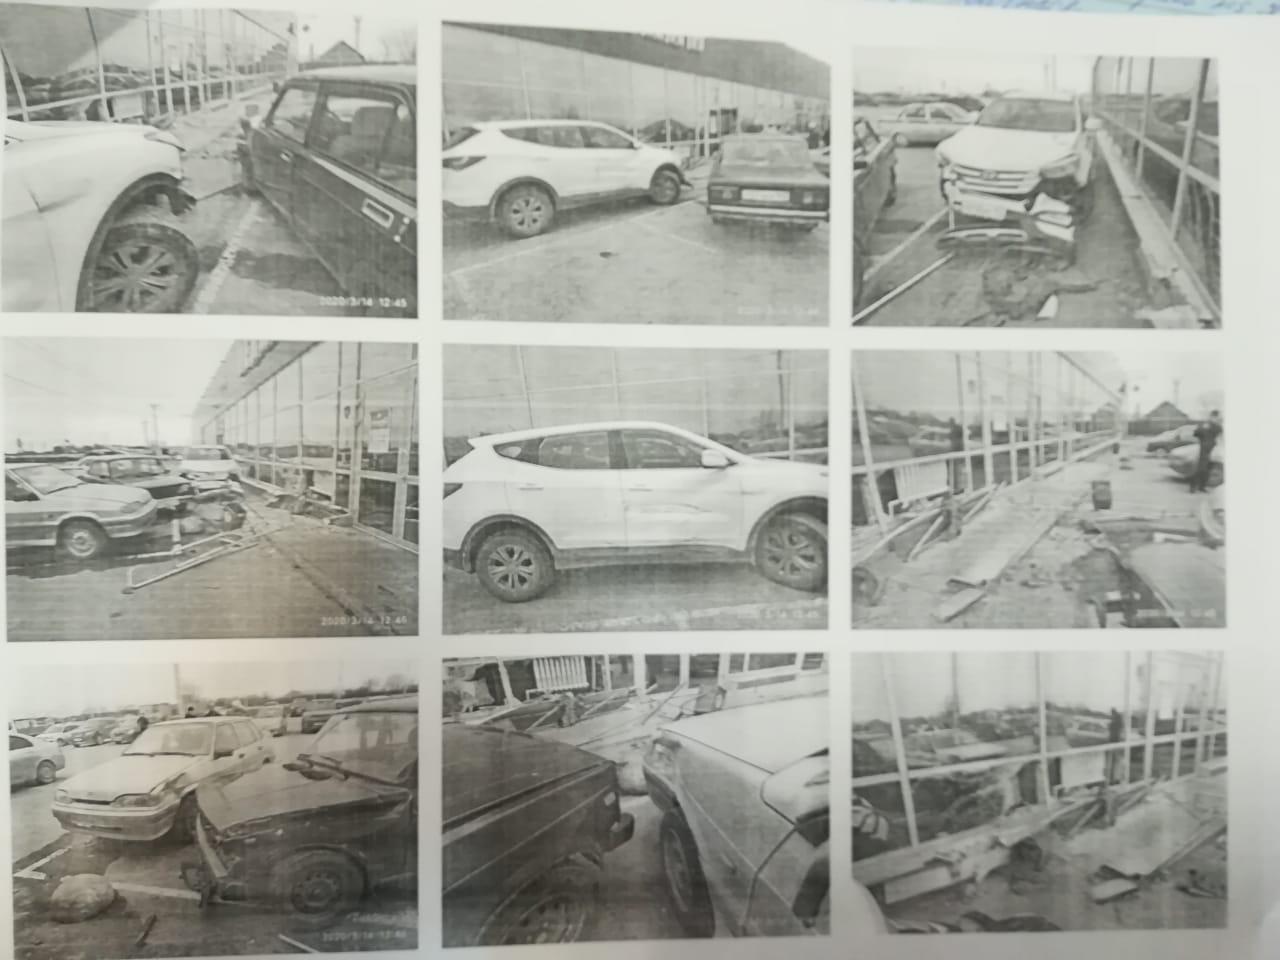 Пьяная тольяттинка врезалась в две машины и магазин